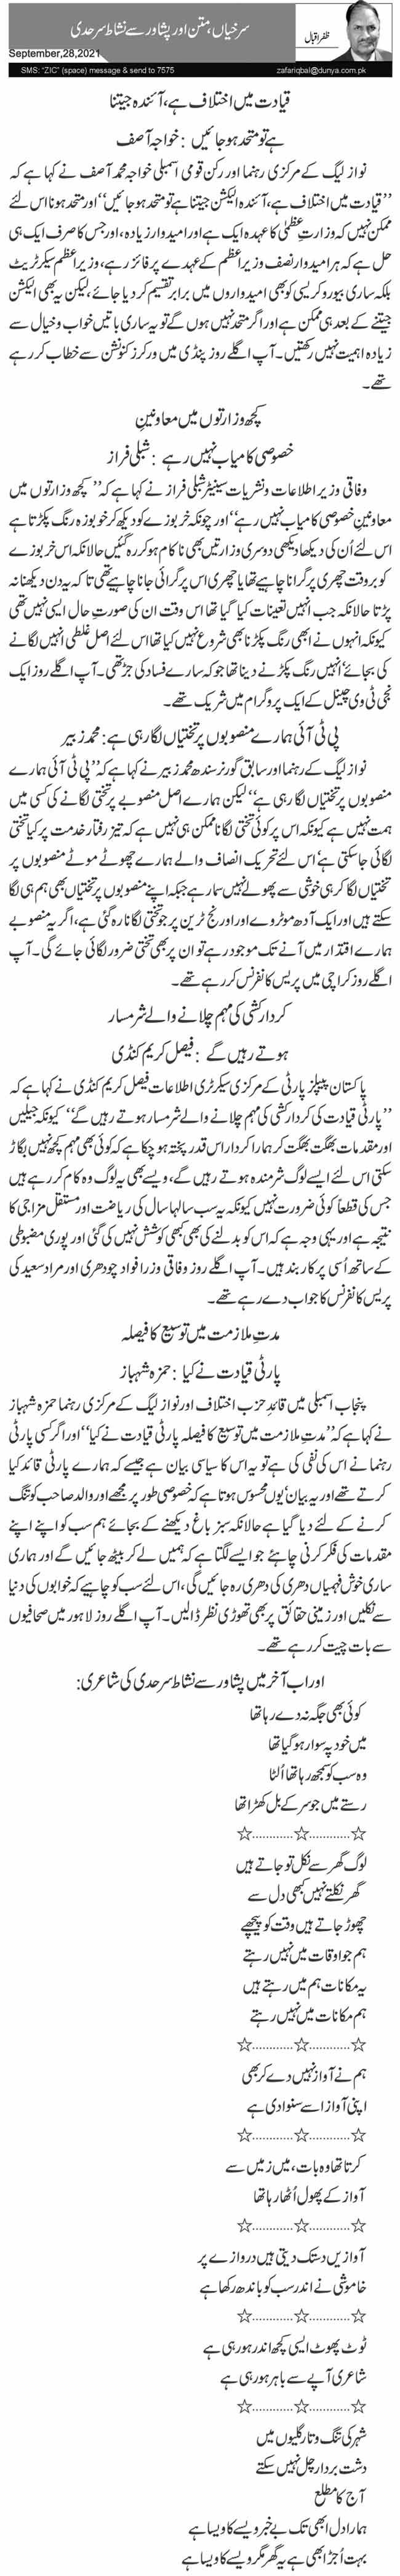 سرخیاں،متن اور پشاور سے نشاط سرحدی